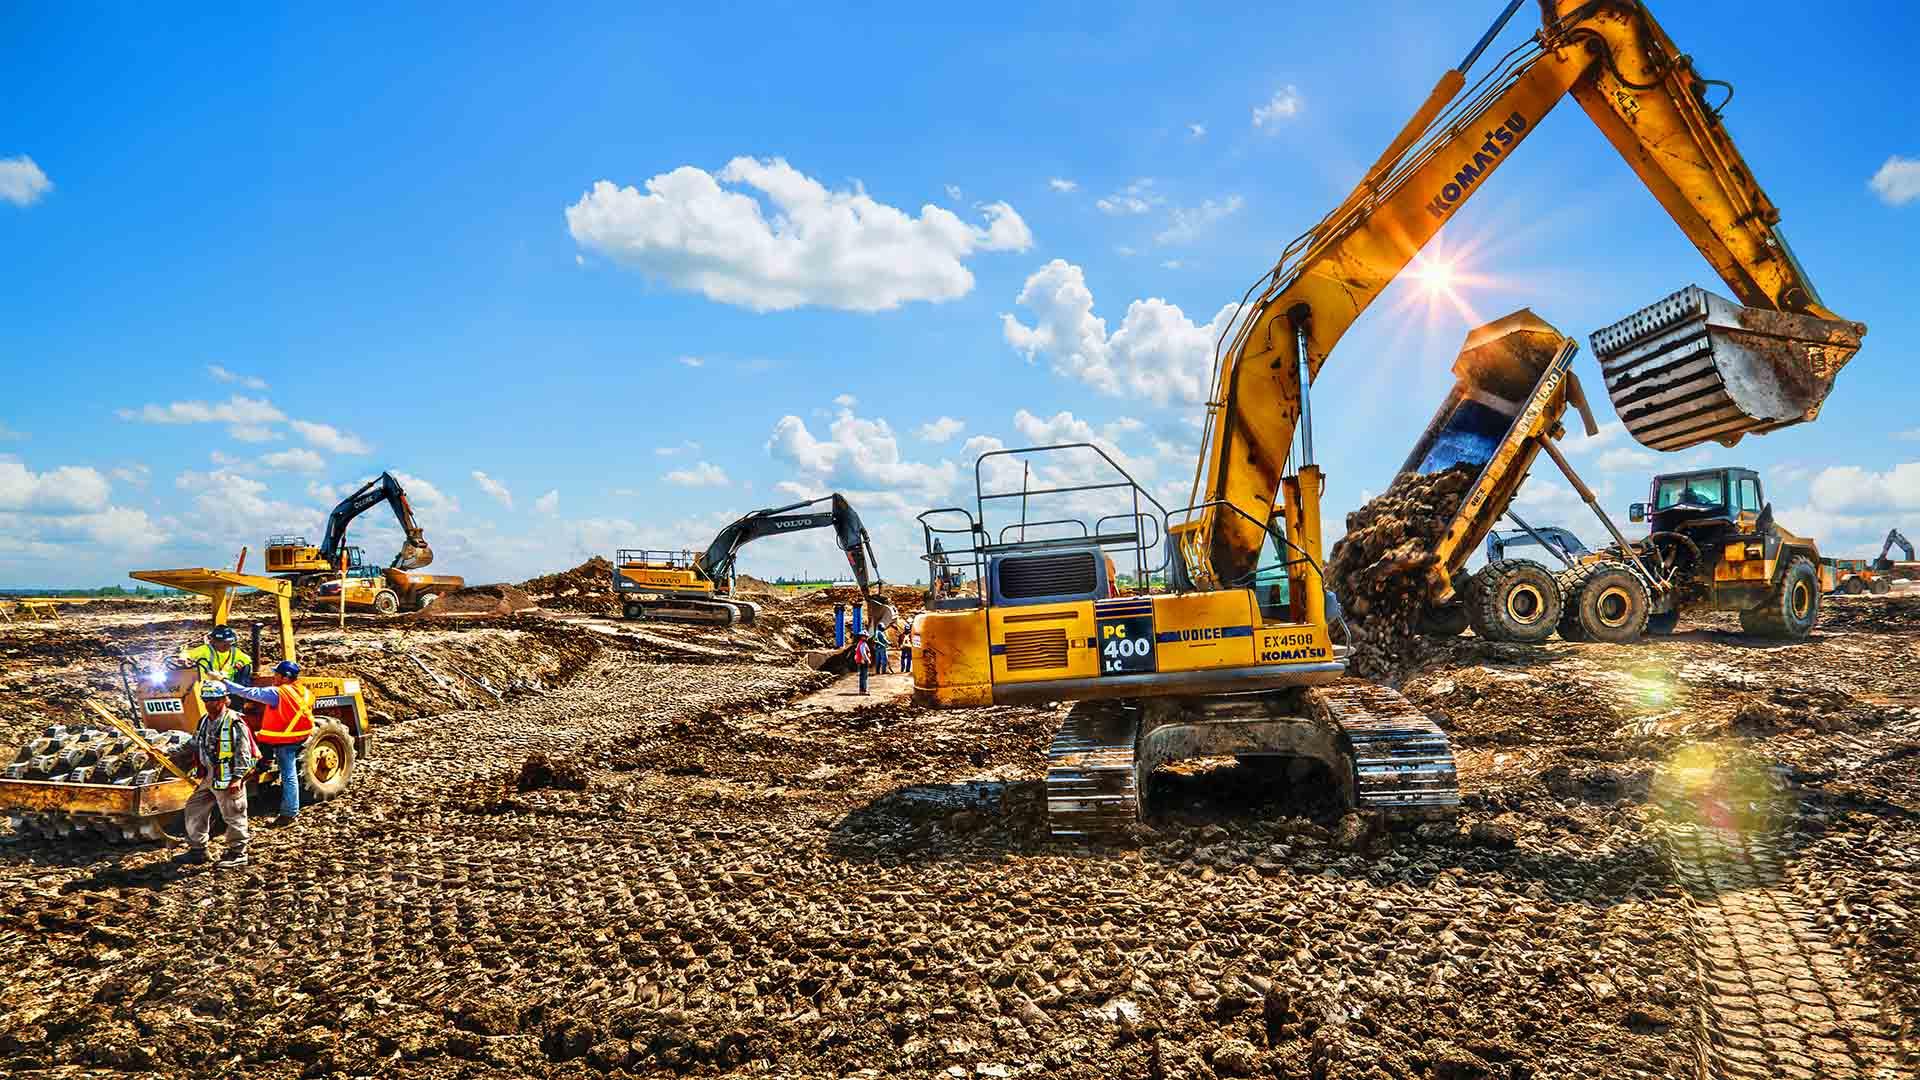 Аренда строительной техники - неоспоримая выгода